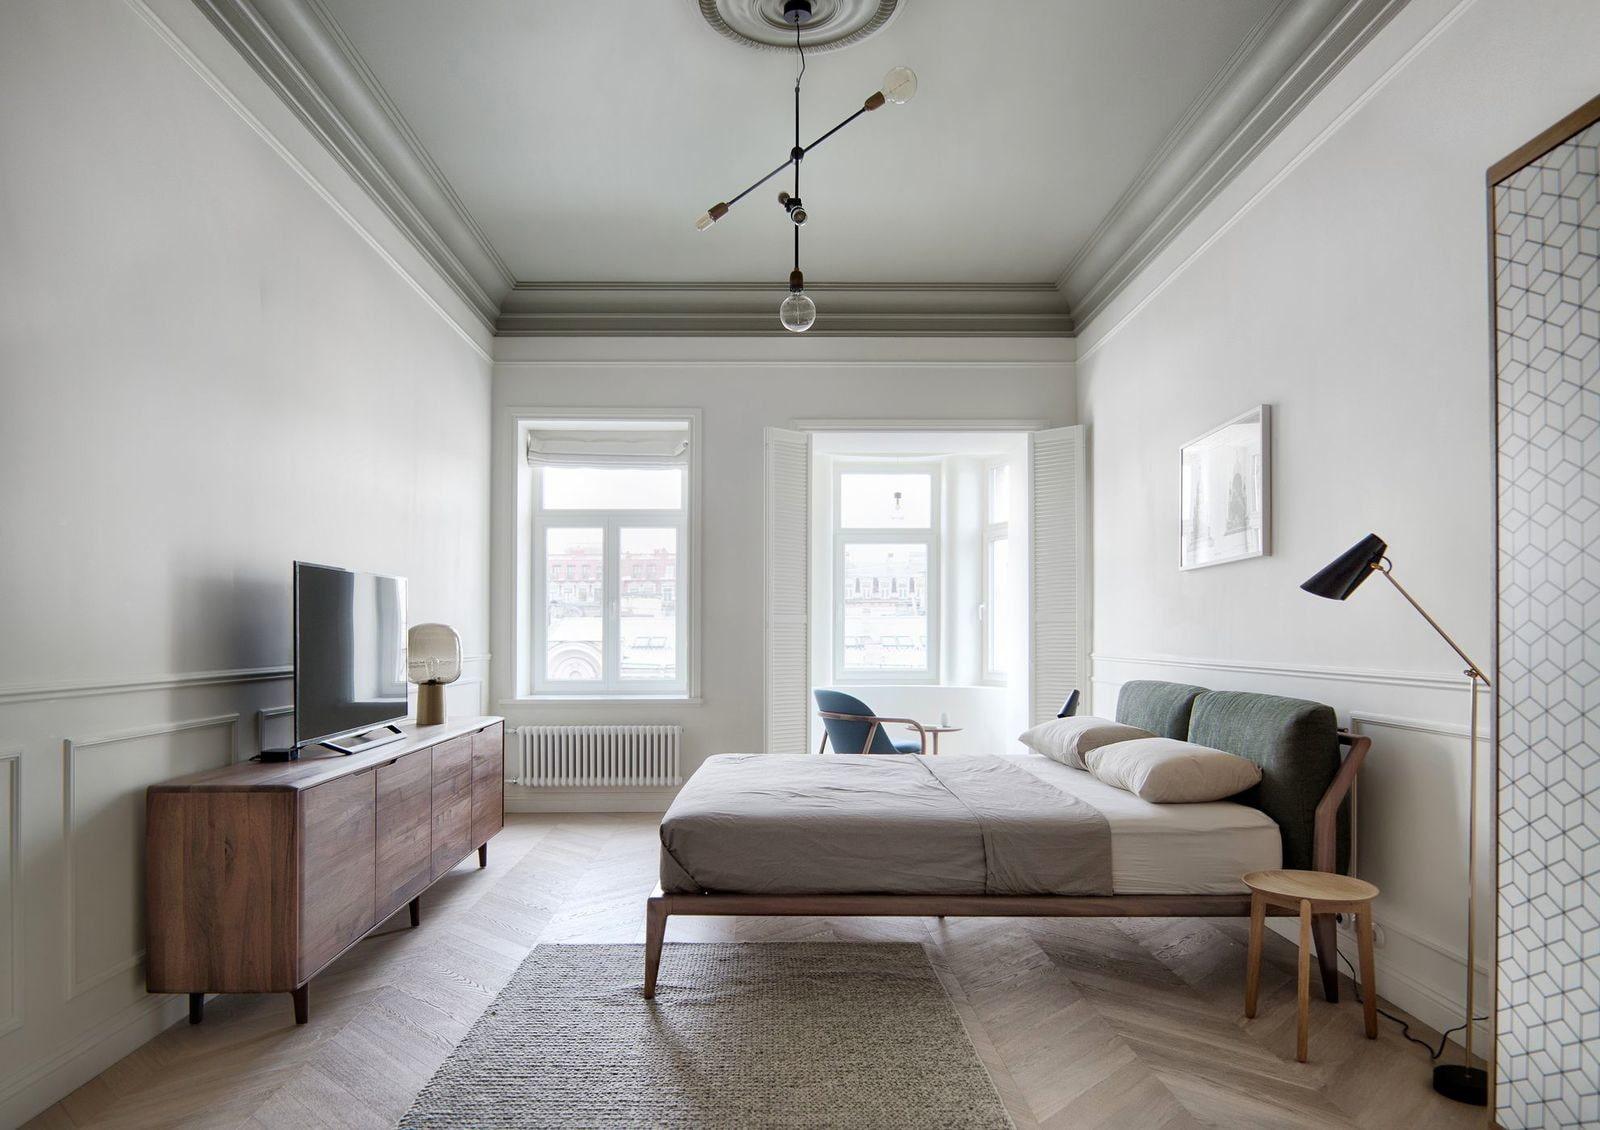 расстановка мебели в спальне фото дизайна